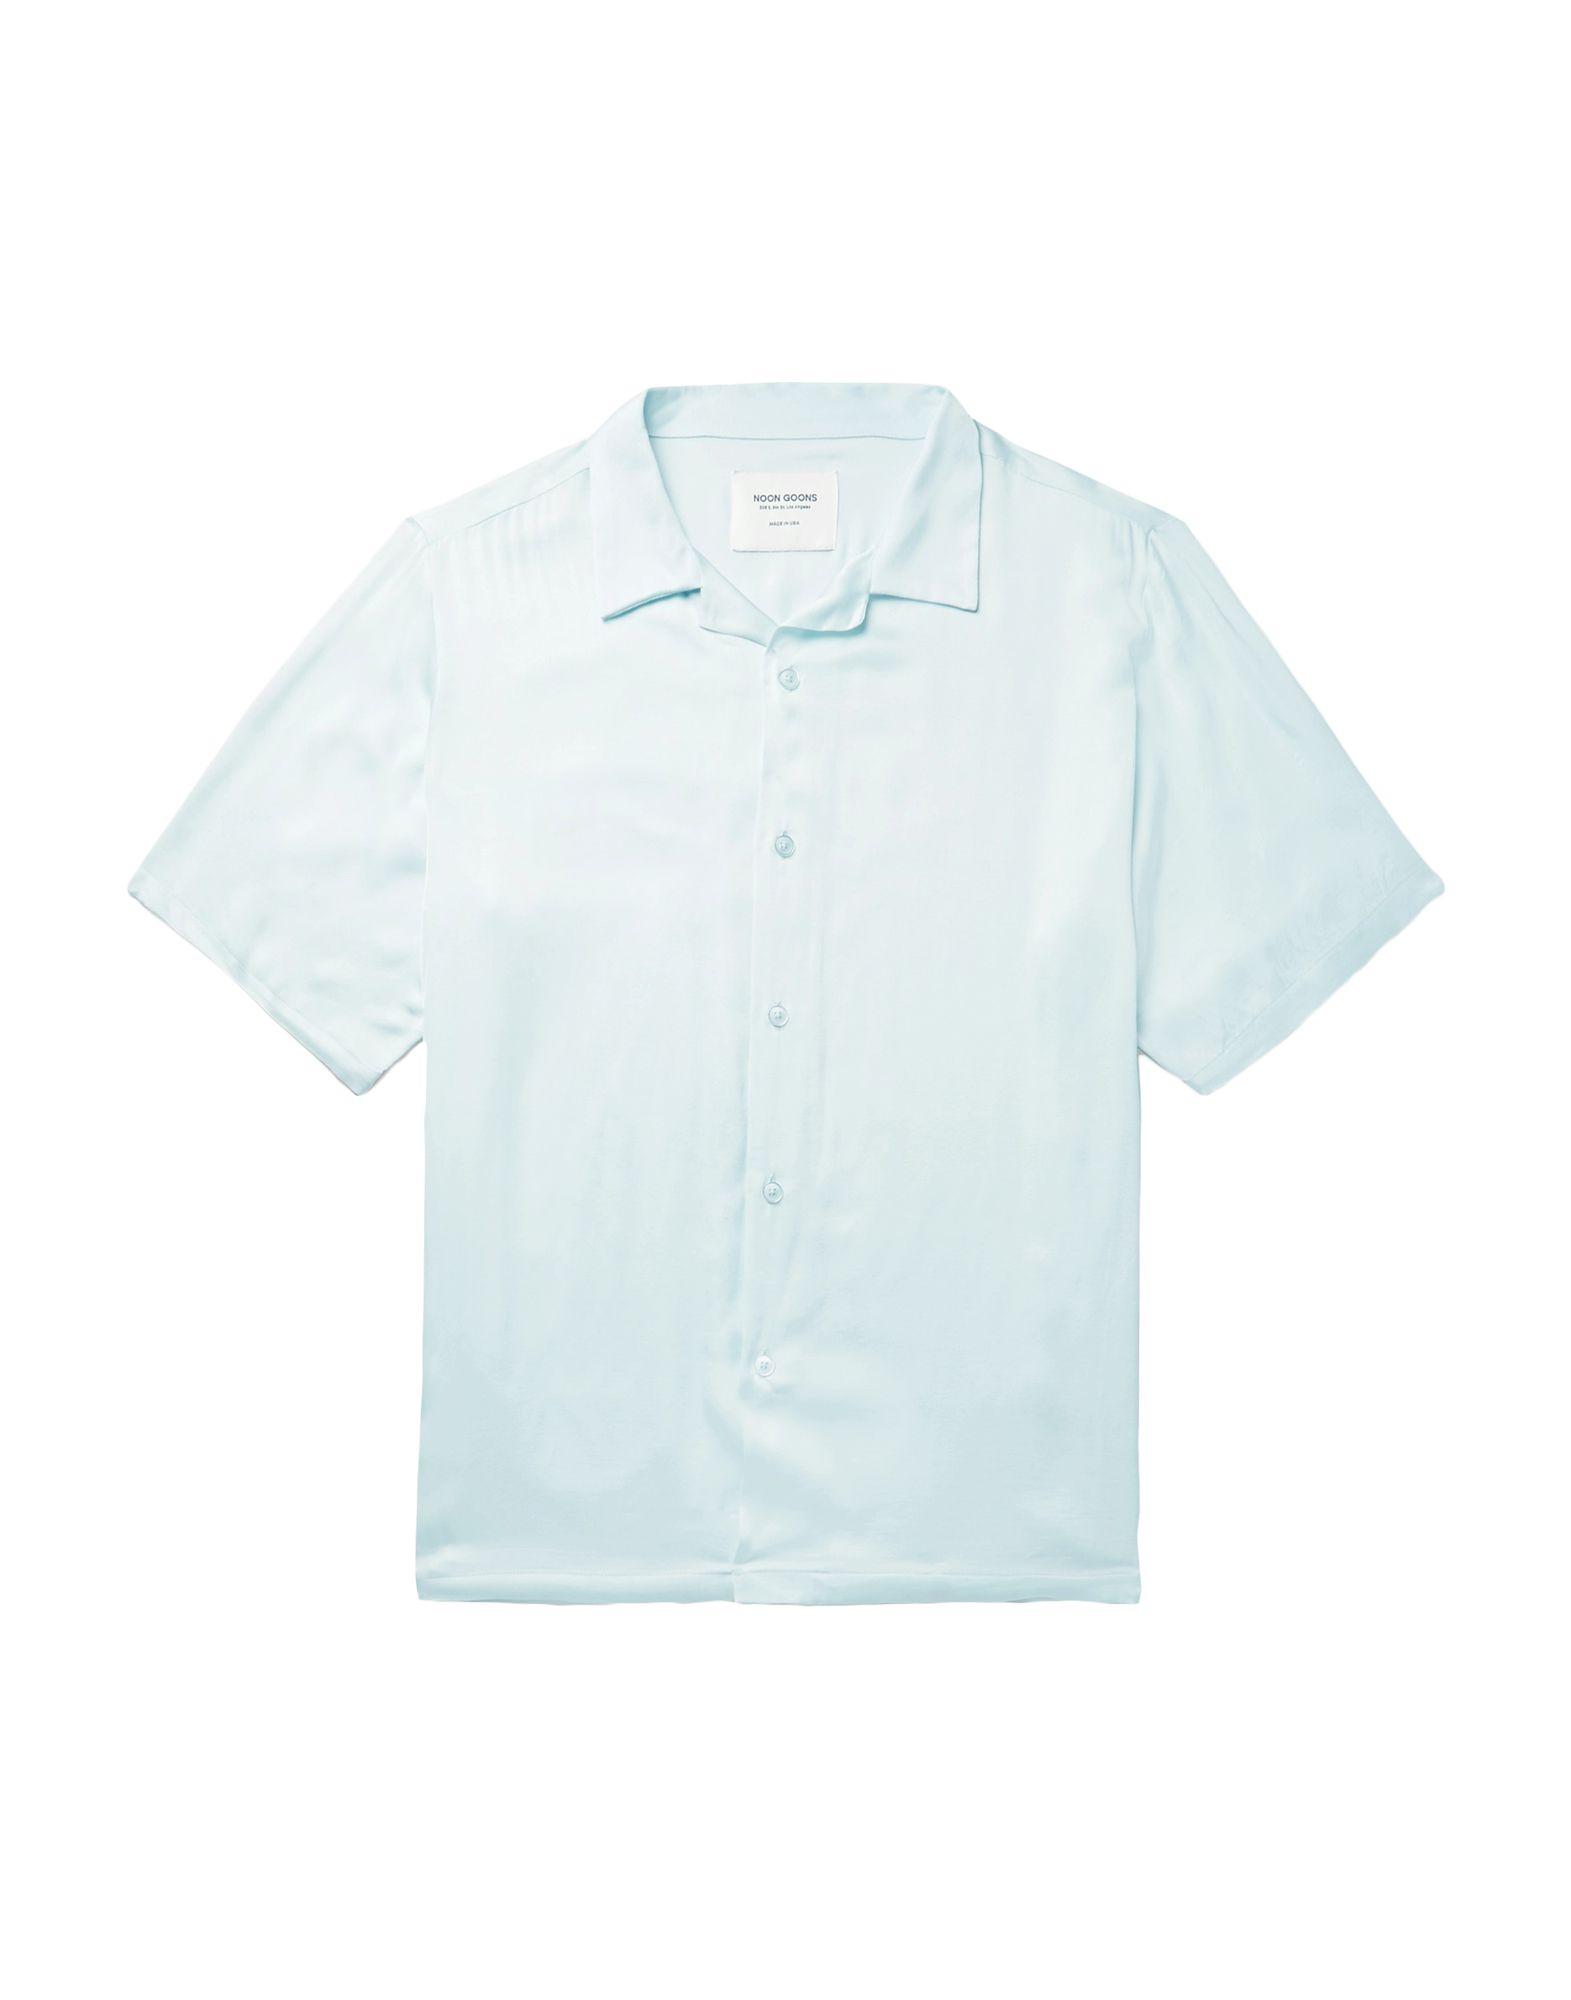 《セール開催中》NOON GOONS メンズ シャツ スカイブルー S コットン 100%